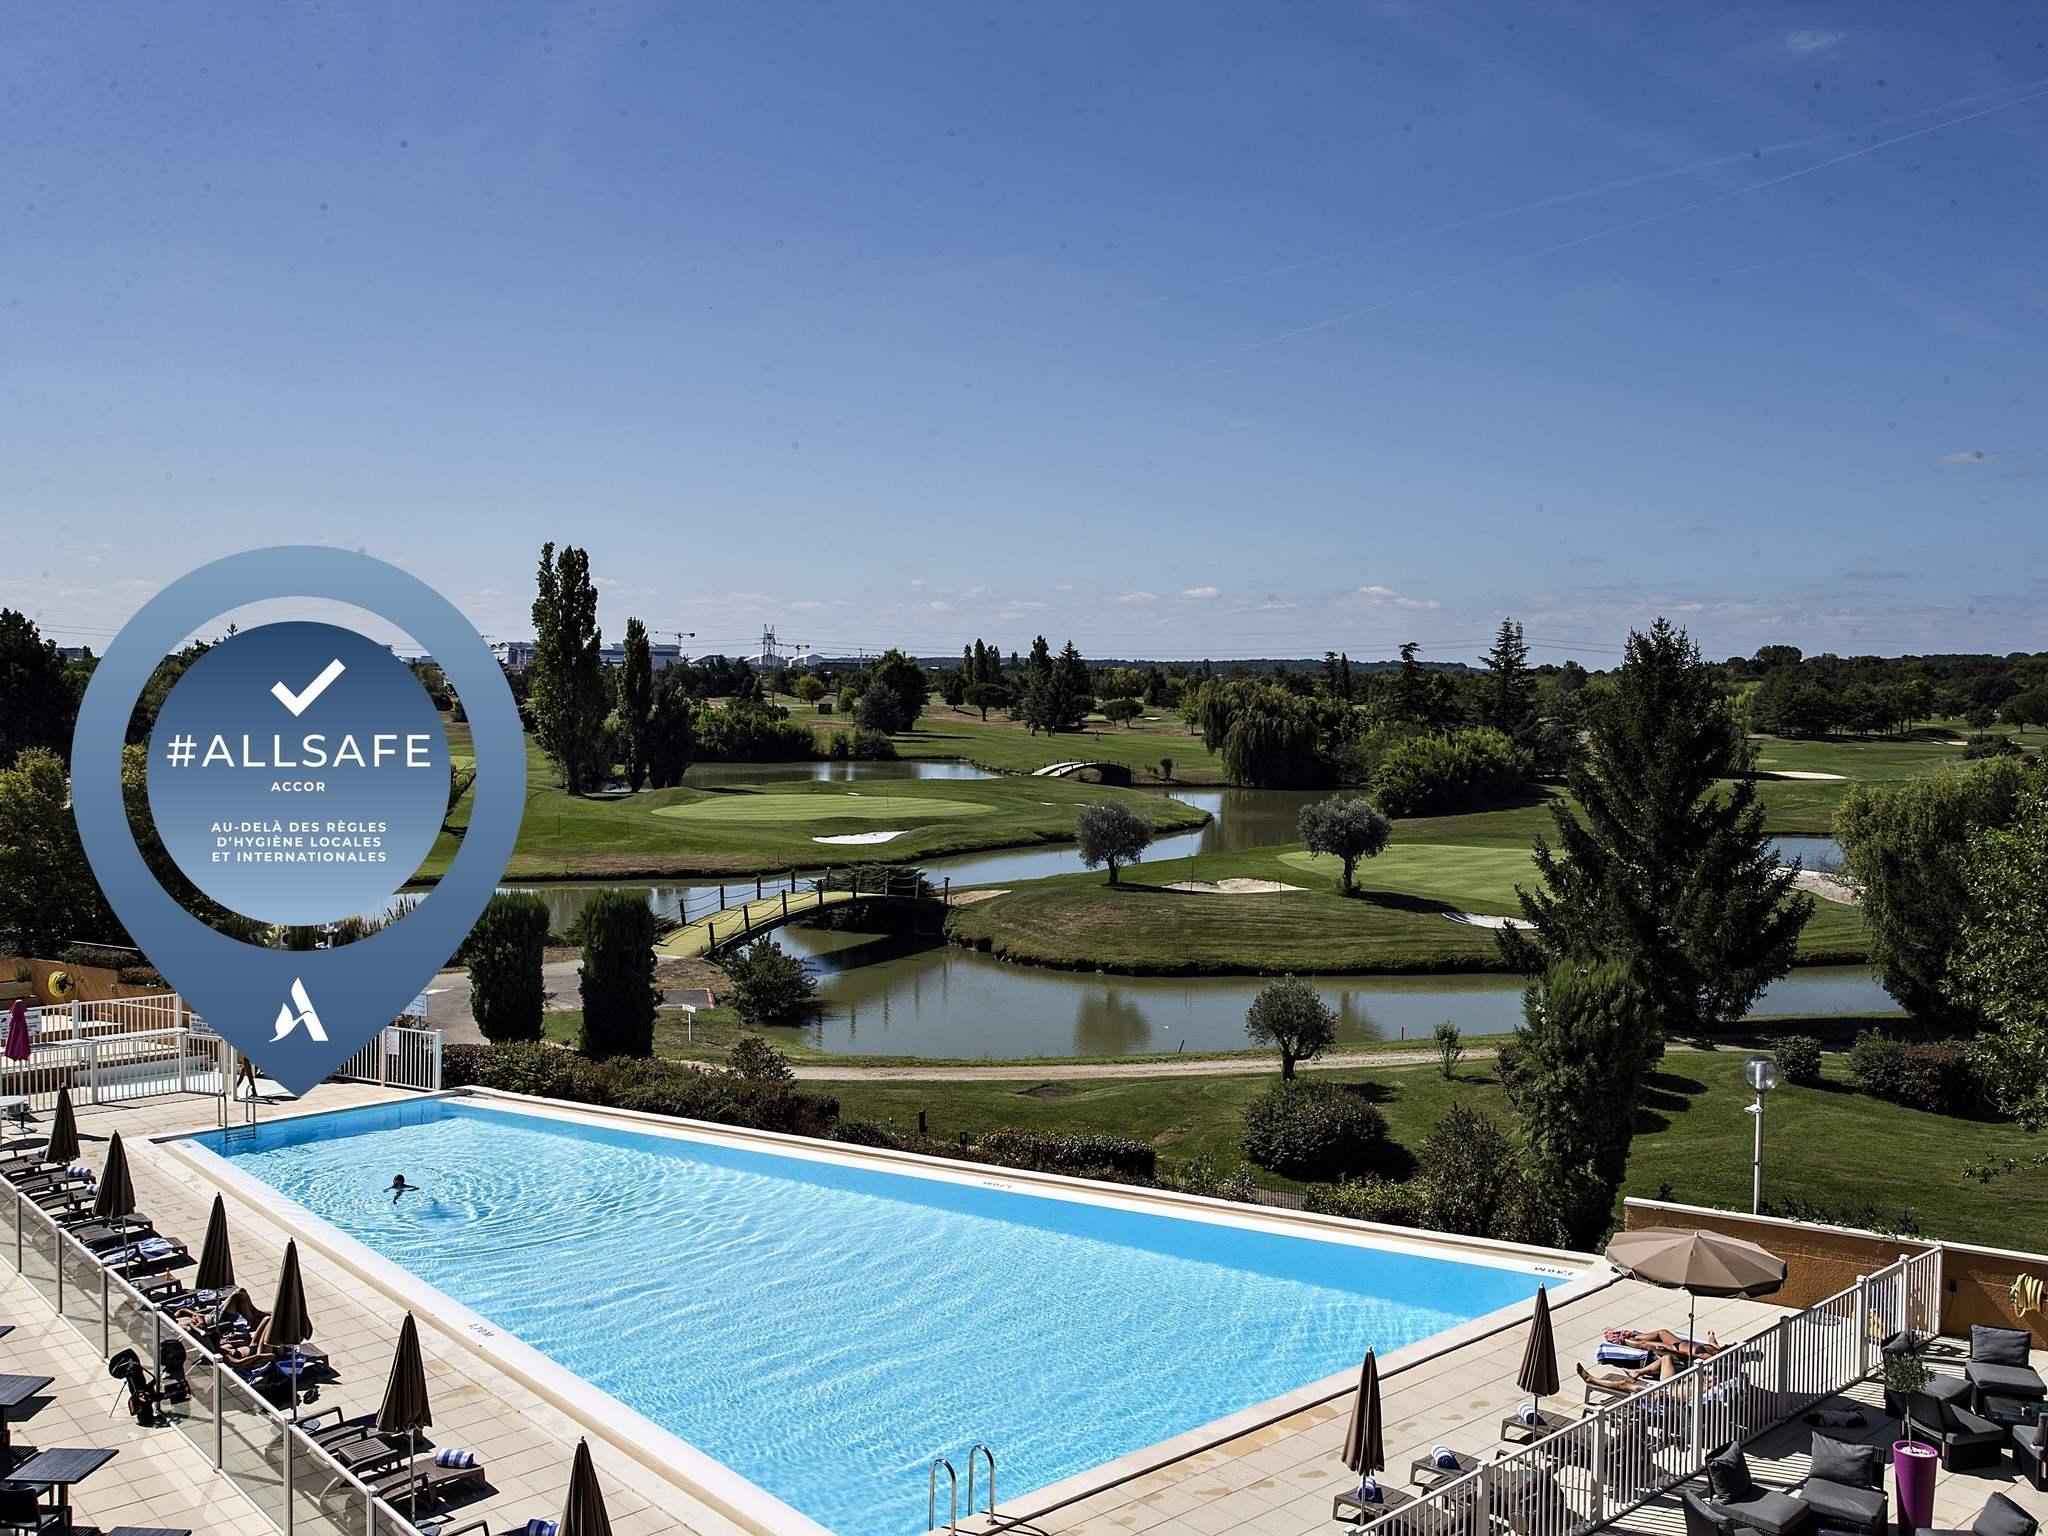 酒店 – 图卢兹塞村高尔夫球场美居酒店